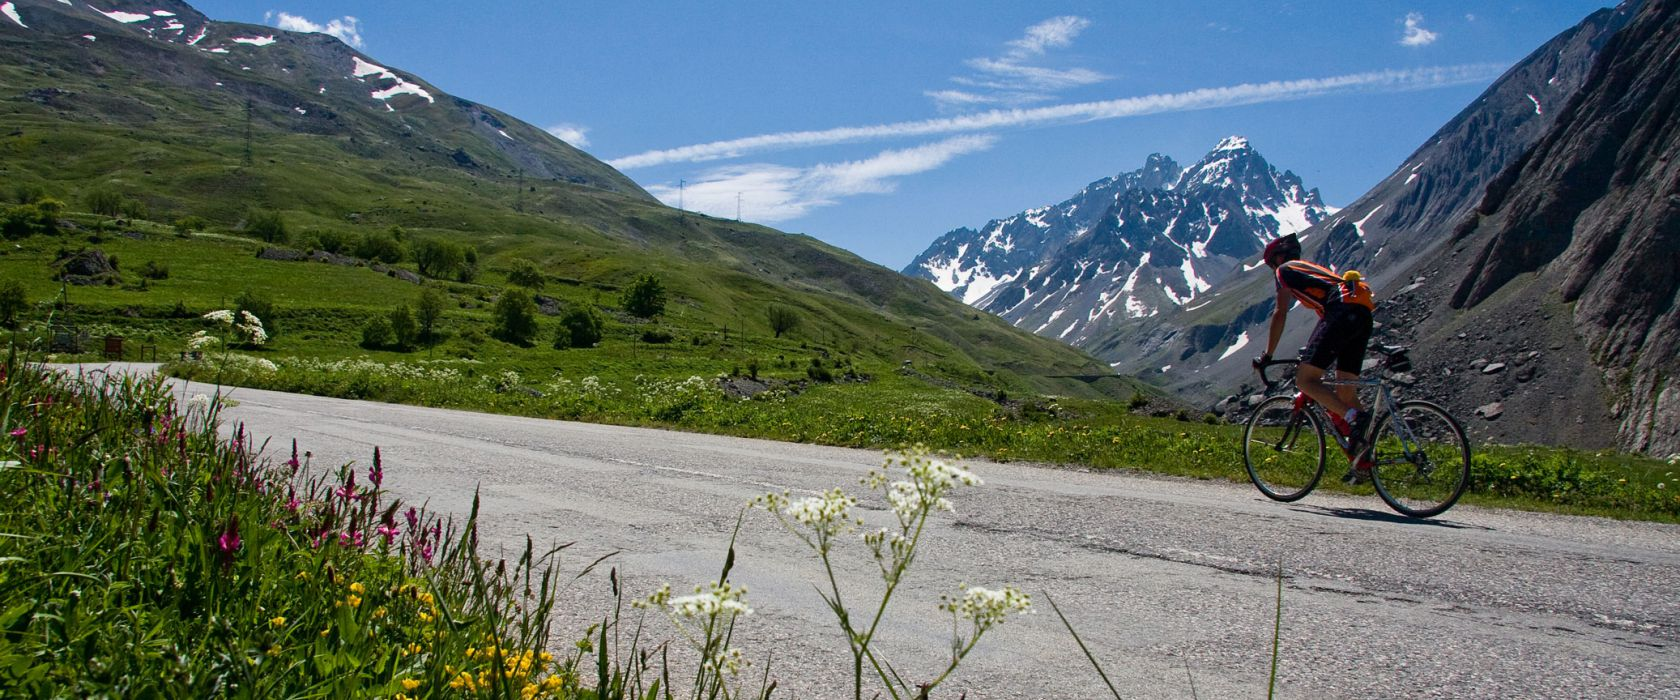 Cyclo en montagne